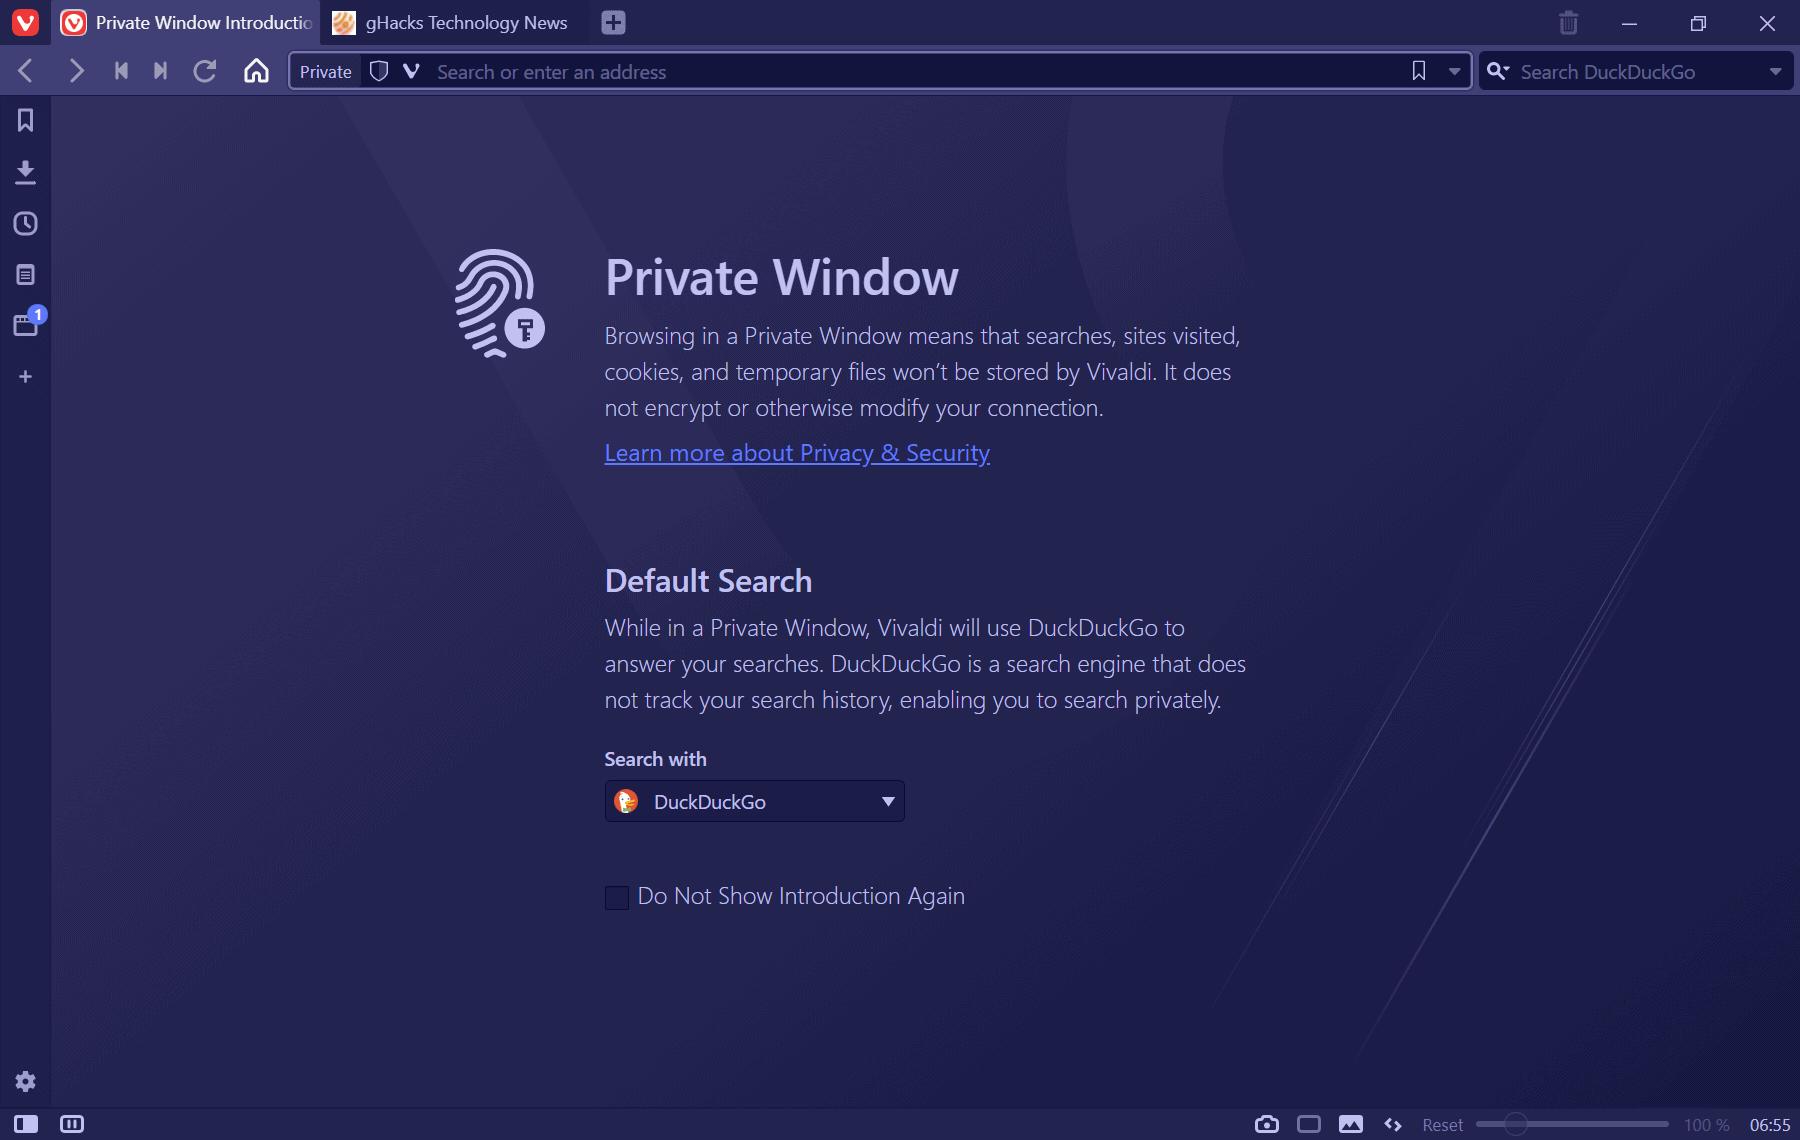 vivaldi-3.3-new private window theme